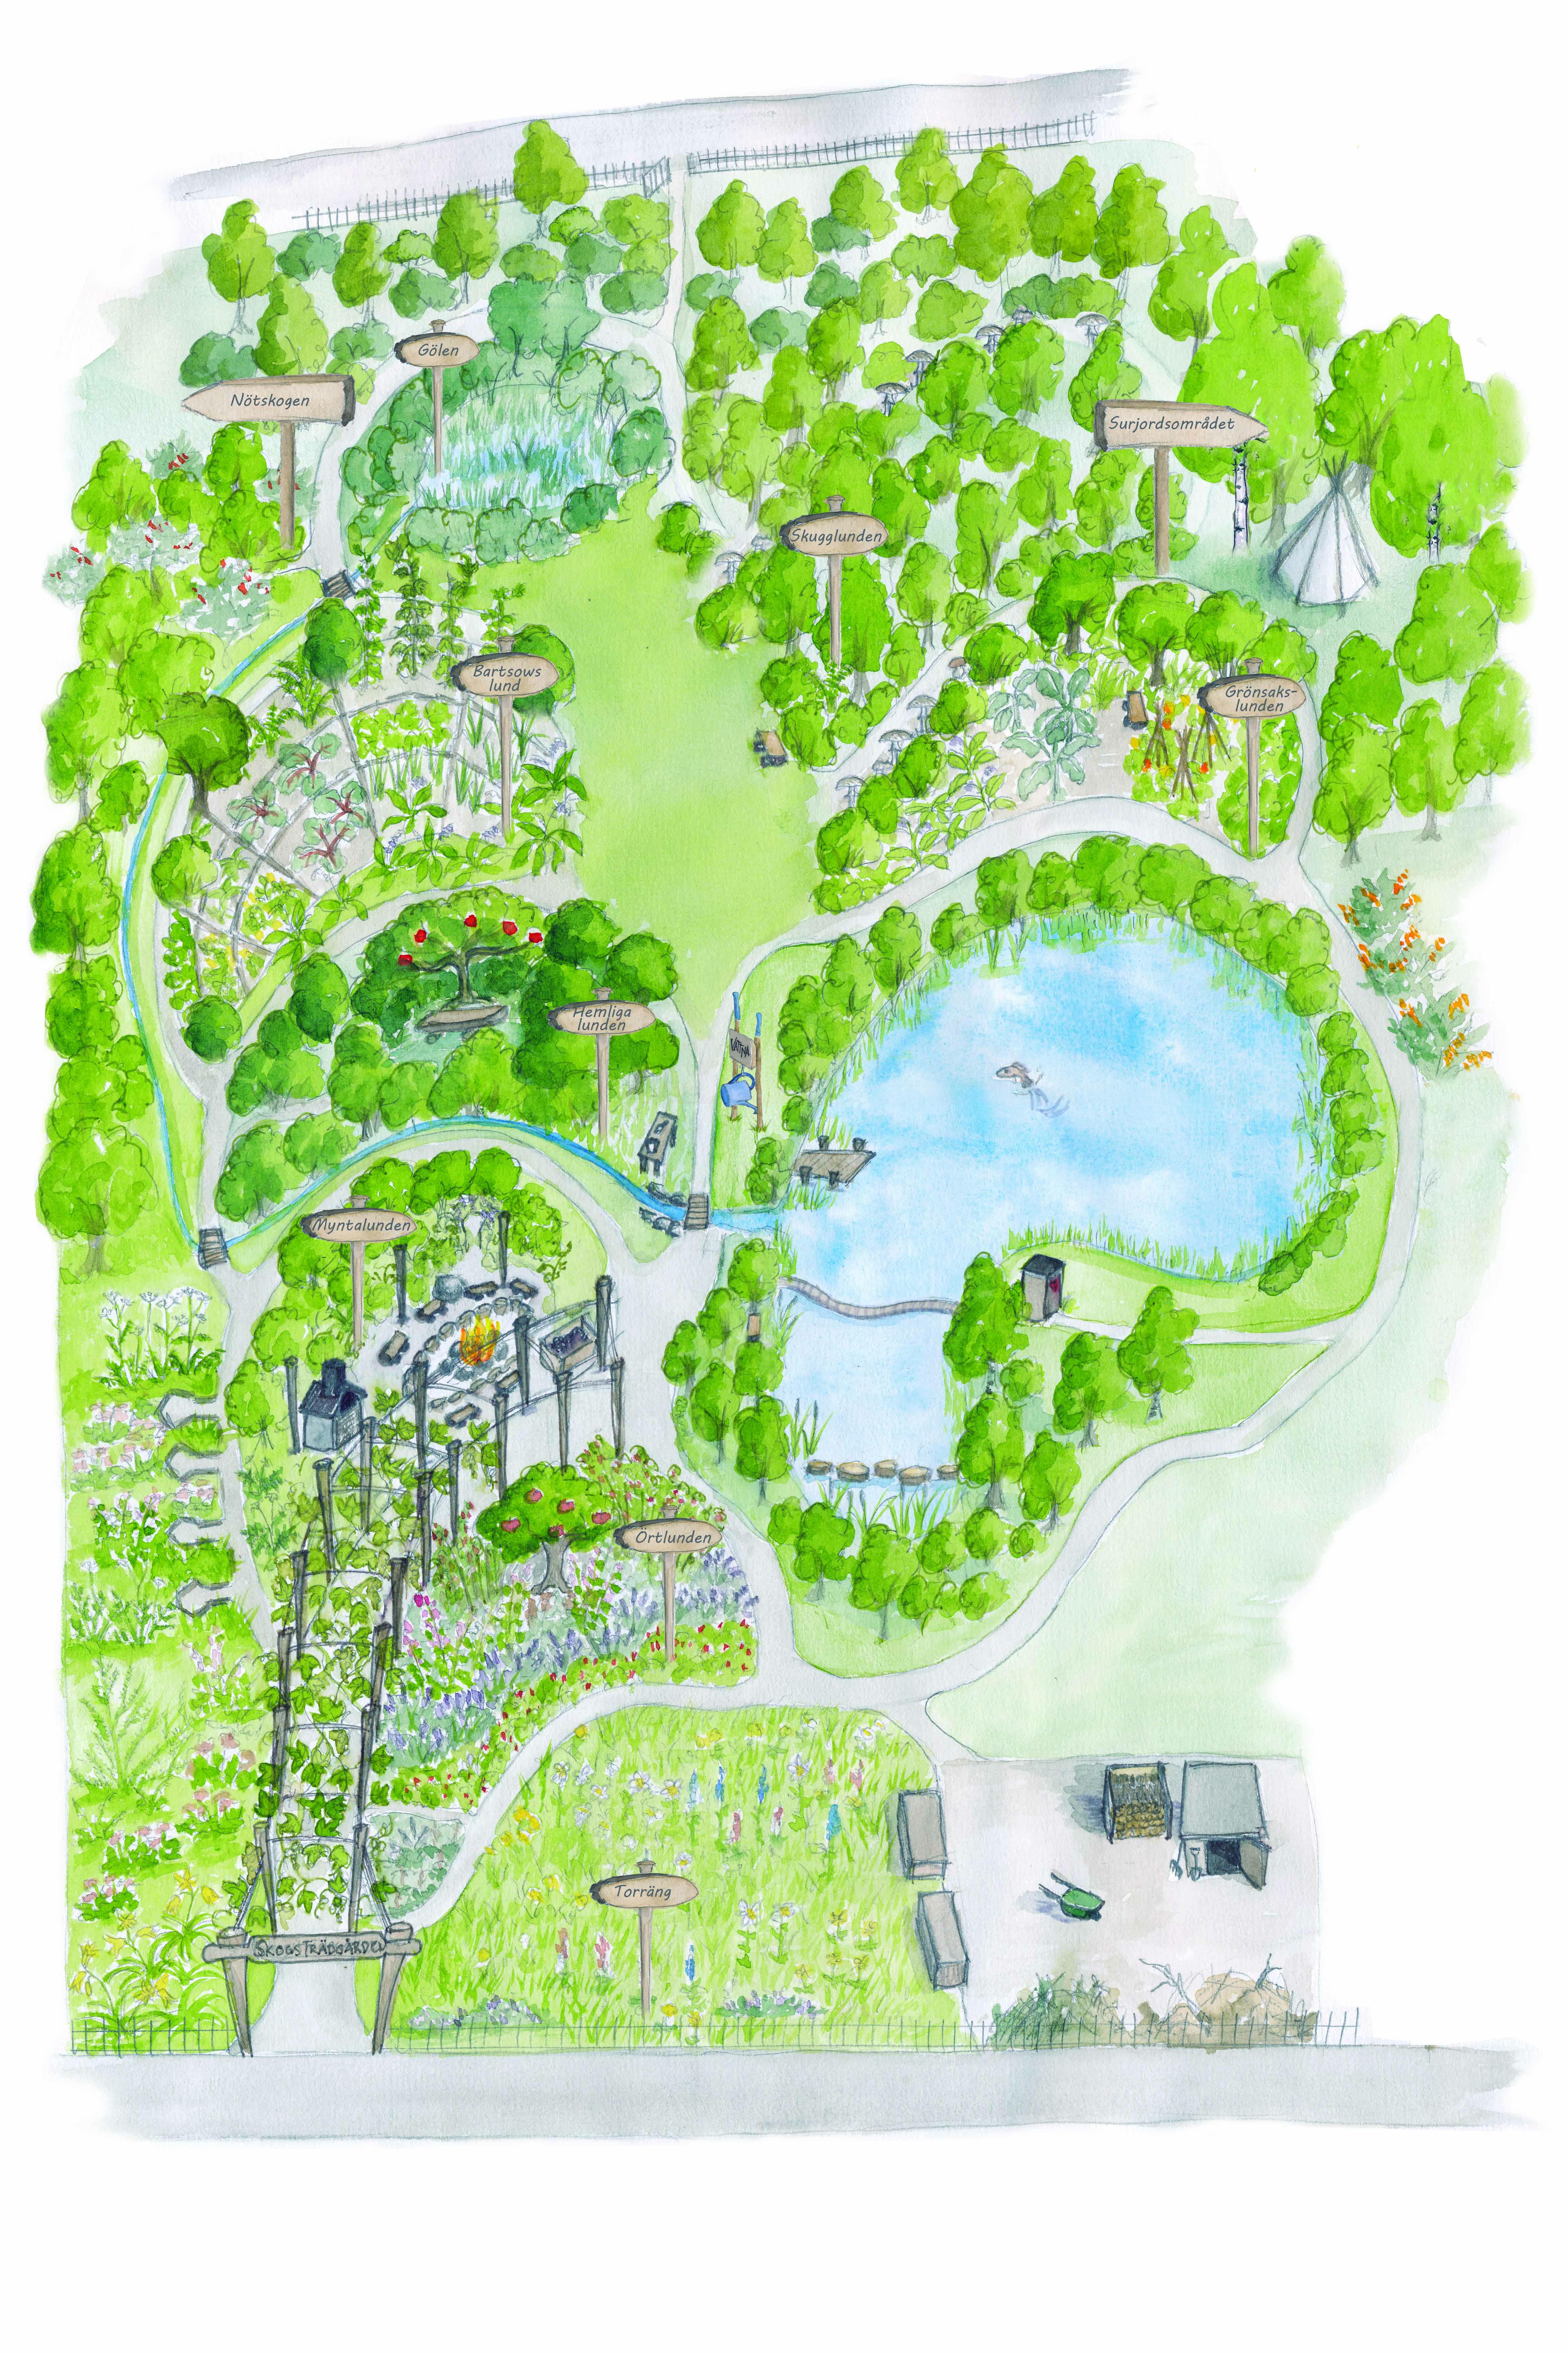 Karta över skogsträdgården